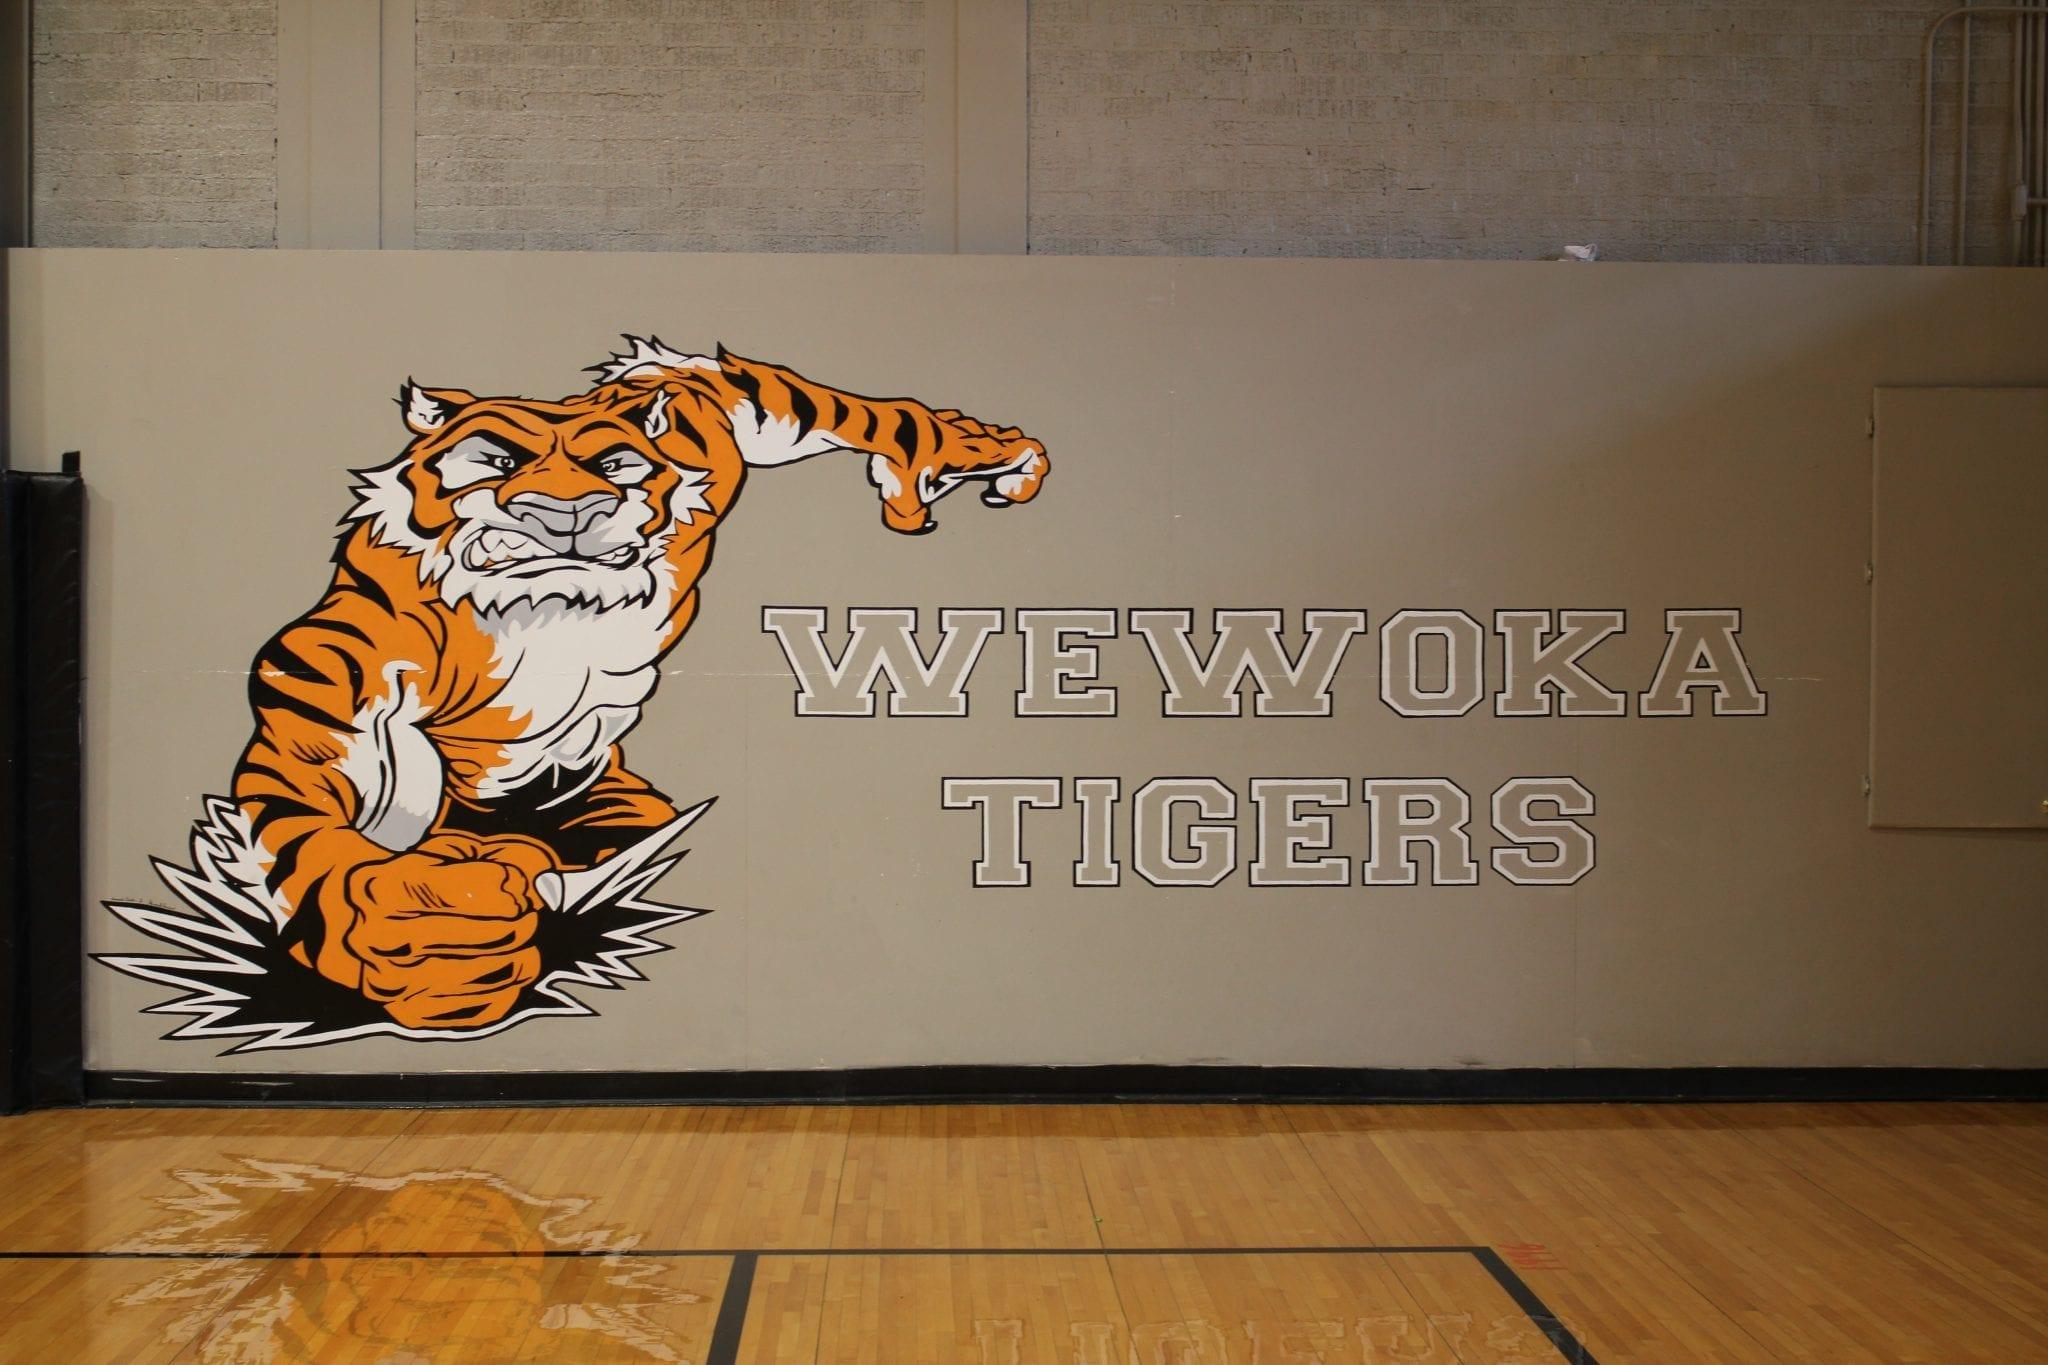 Wewoka Tigers Signage